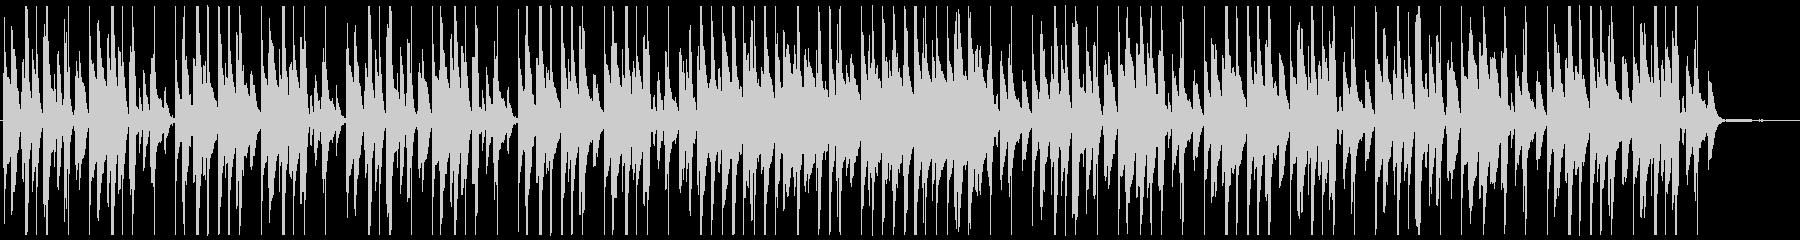 明るくほのぼのジャズテイストなピアノ曲の未再生の波形